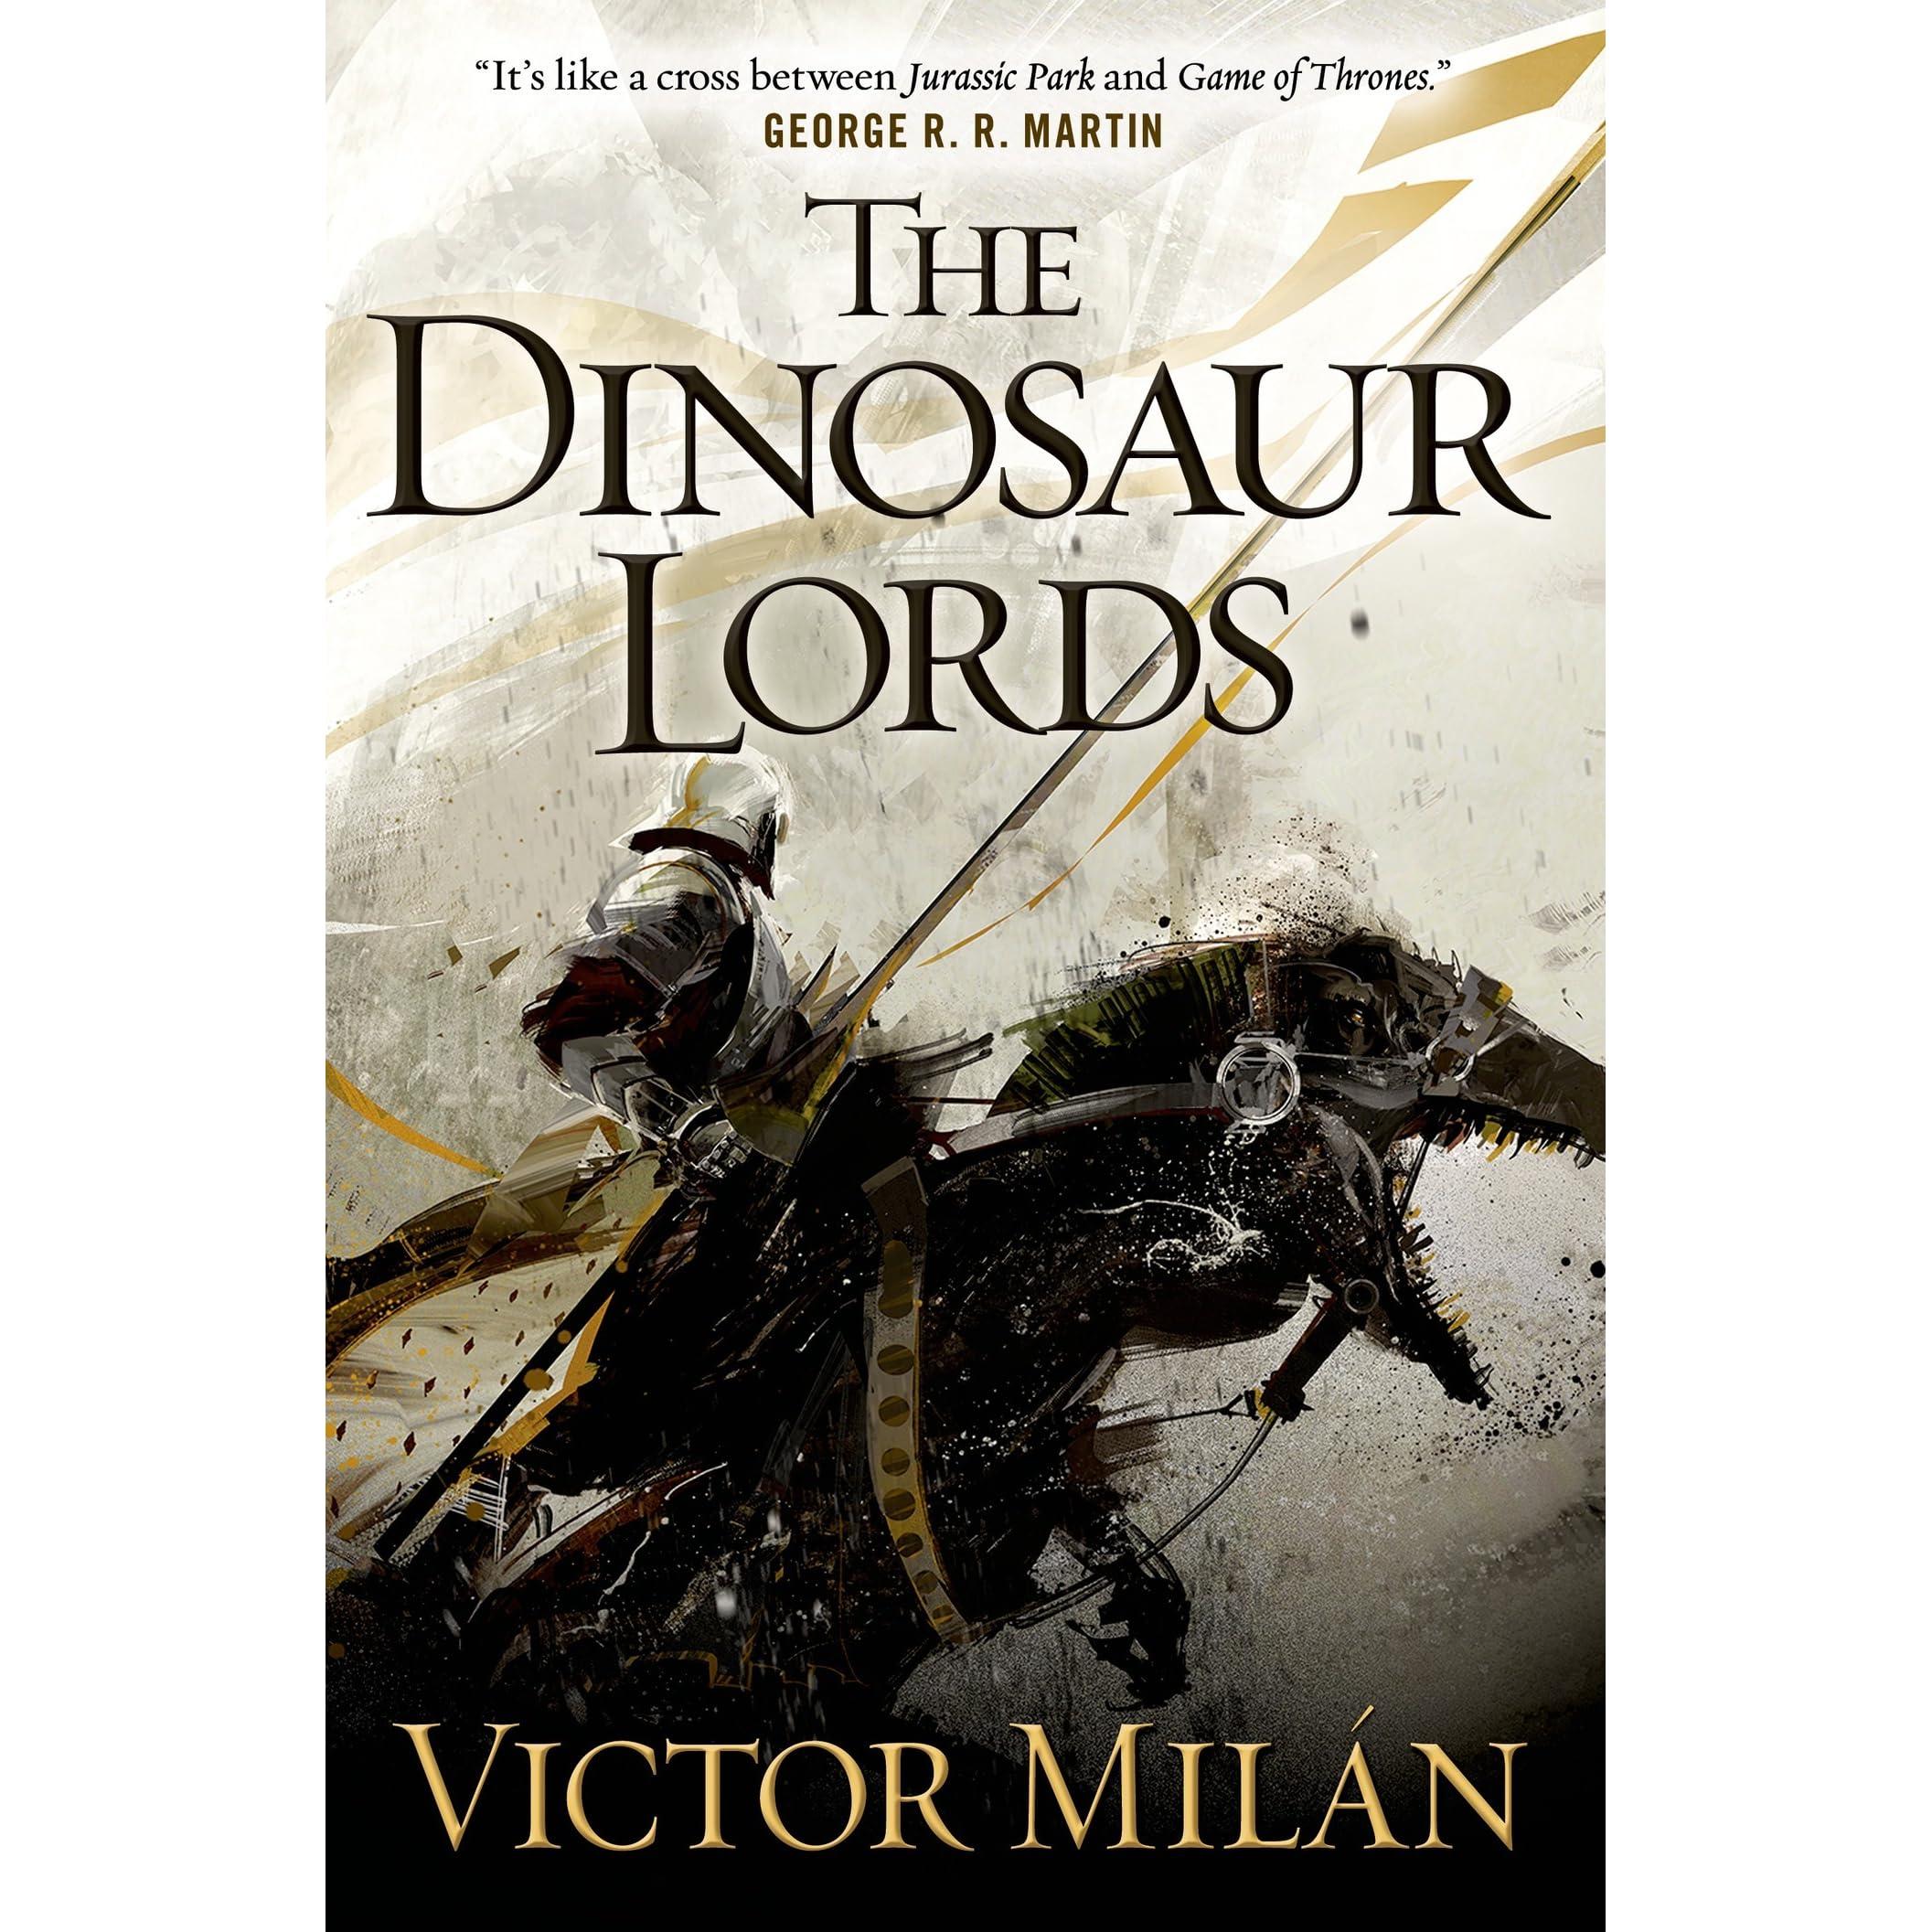 Victor milan